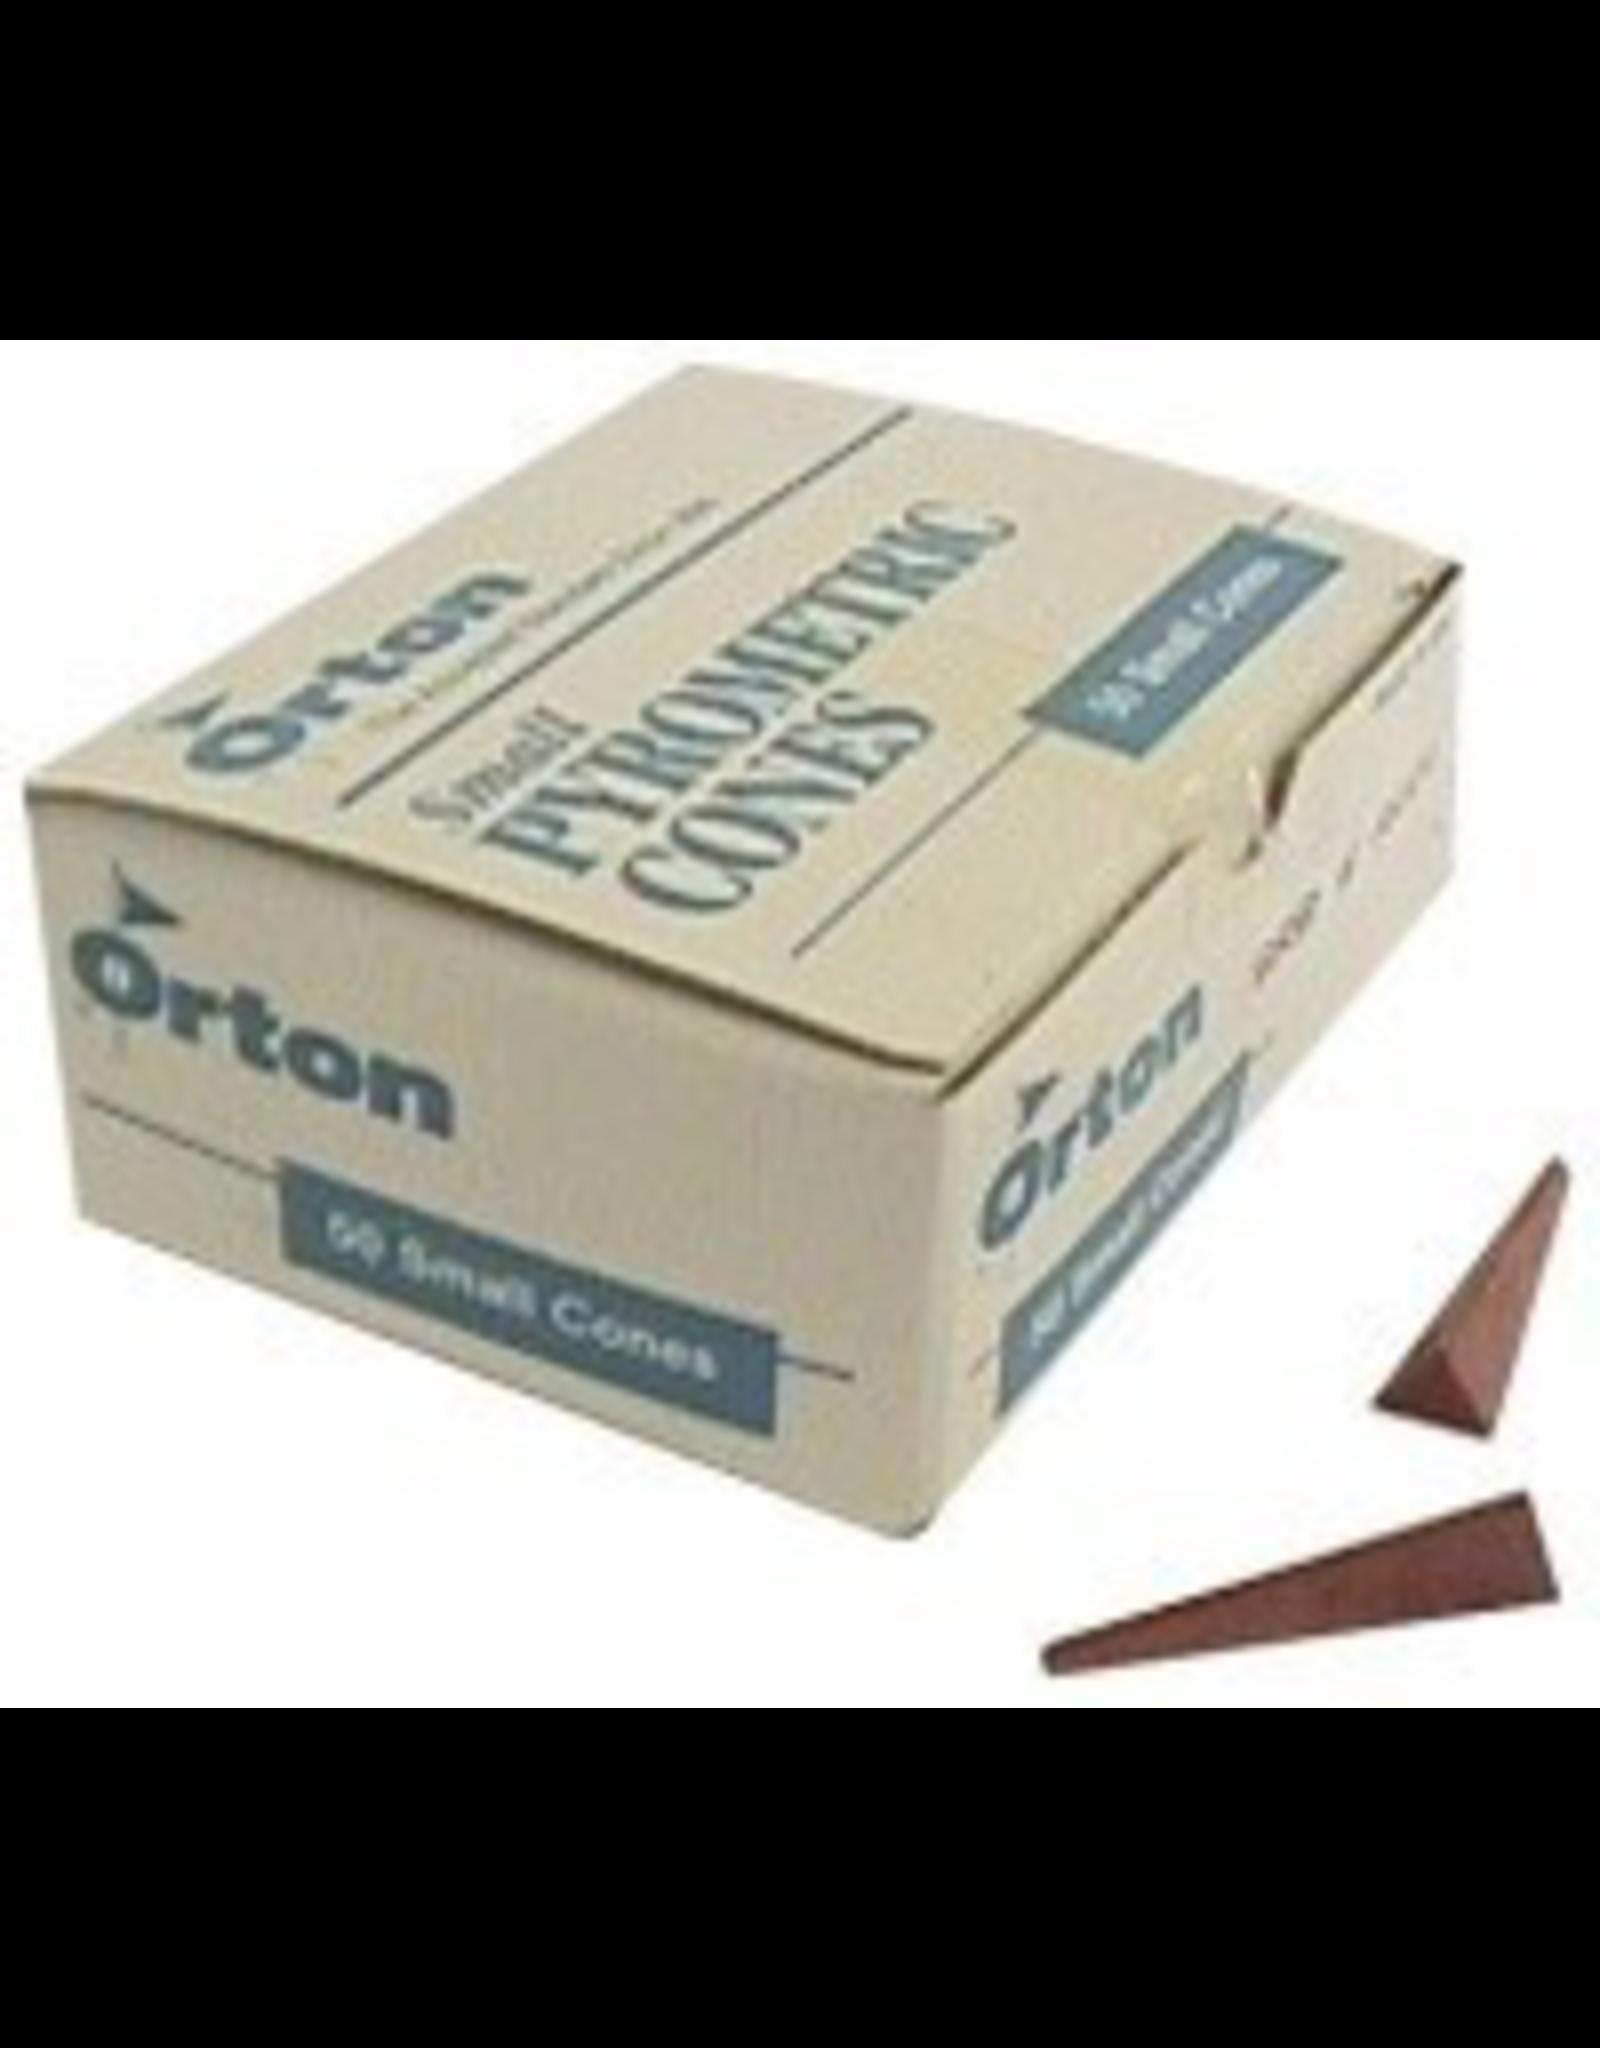 Orton small cone 5 (x50)